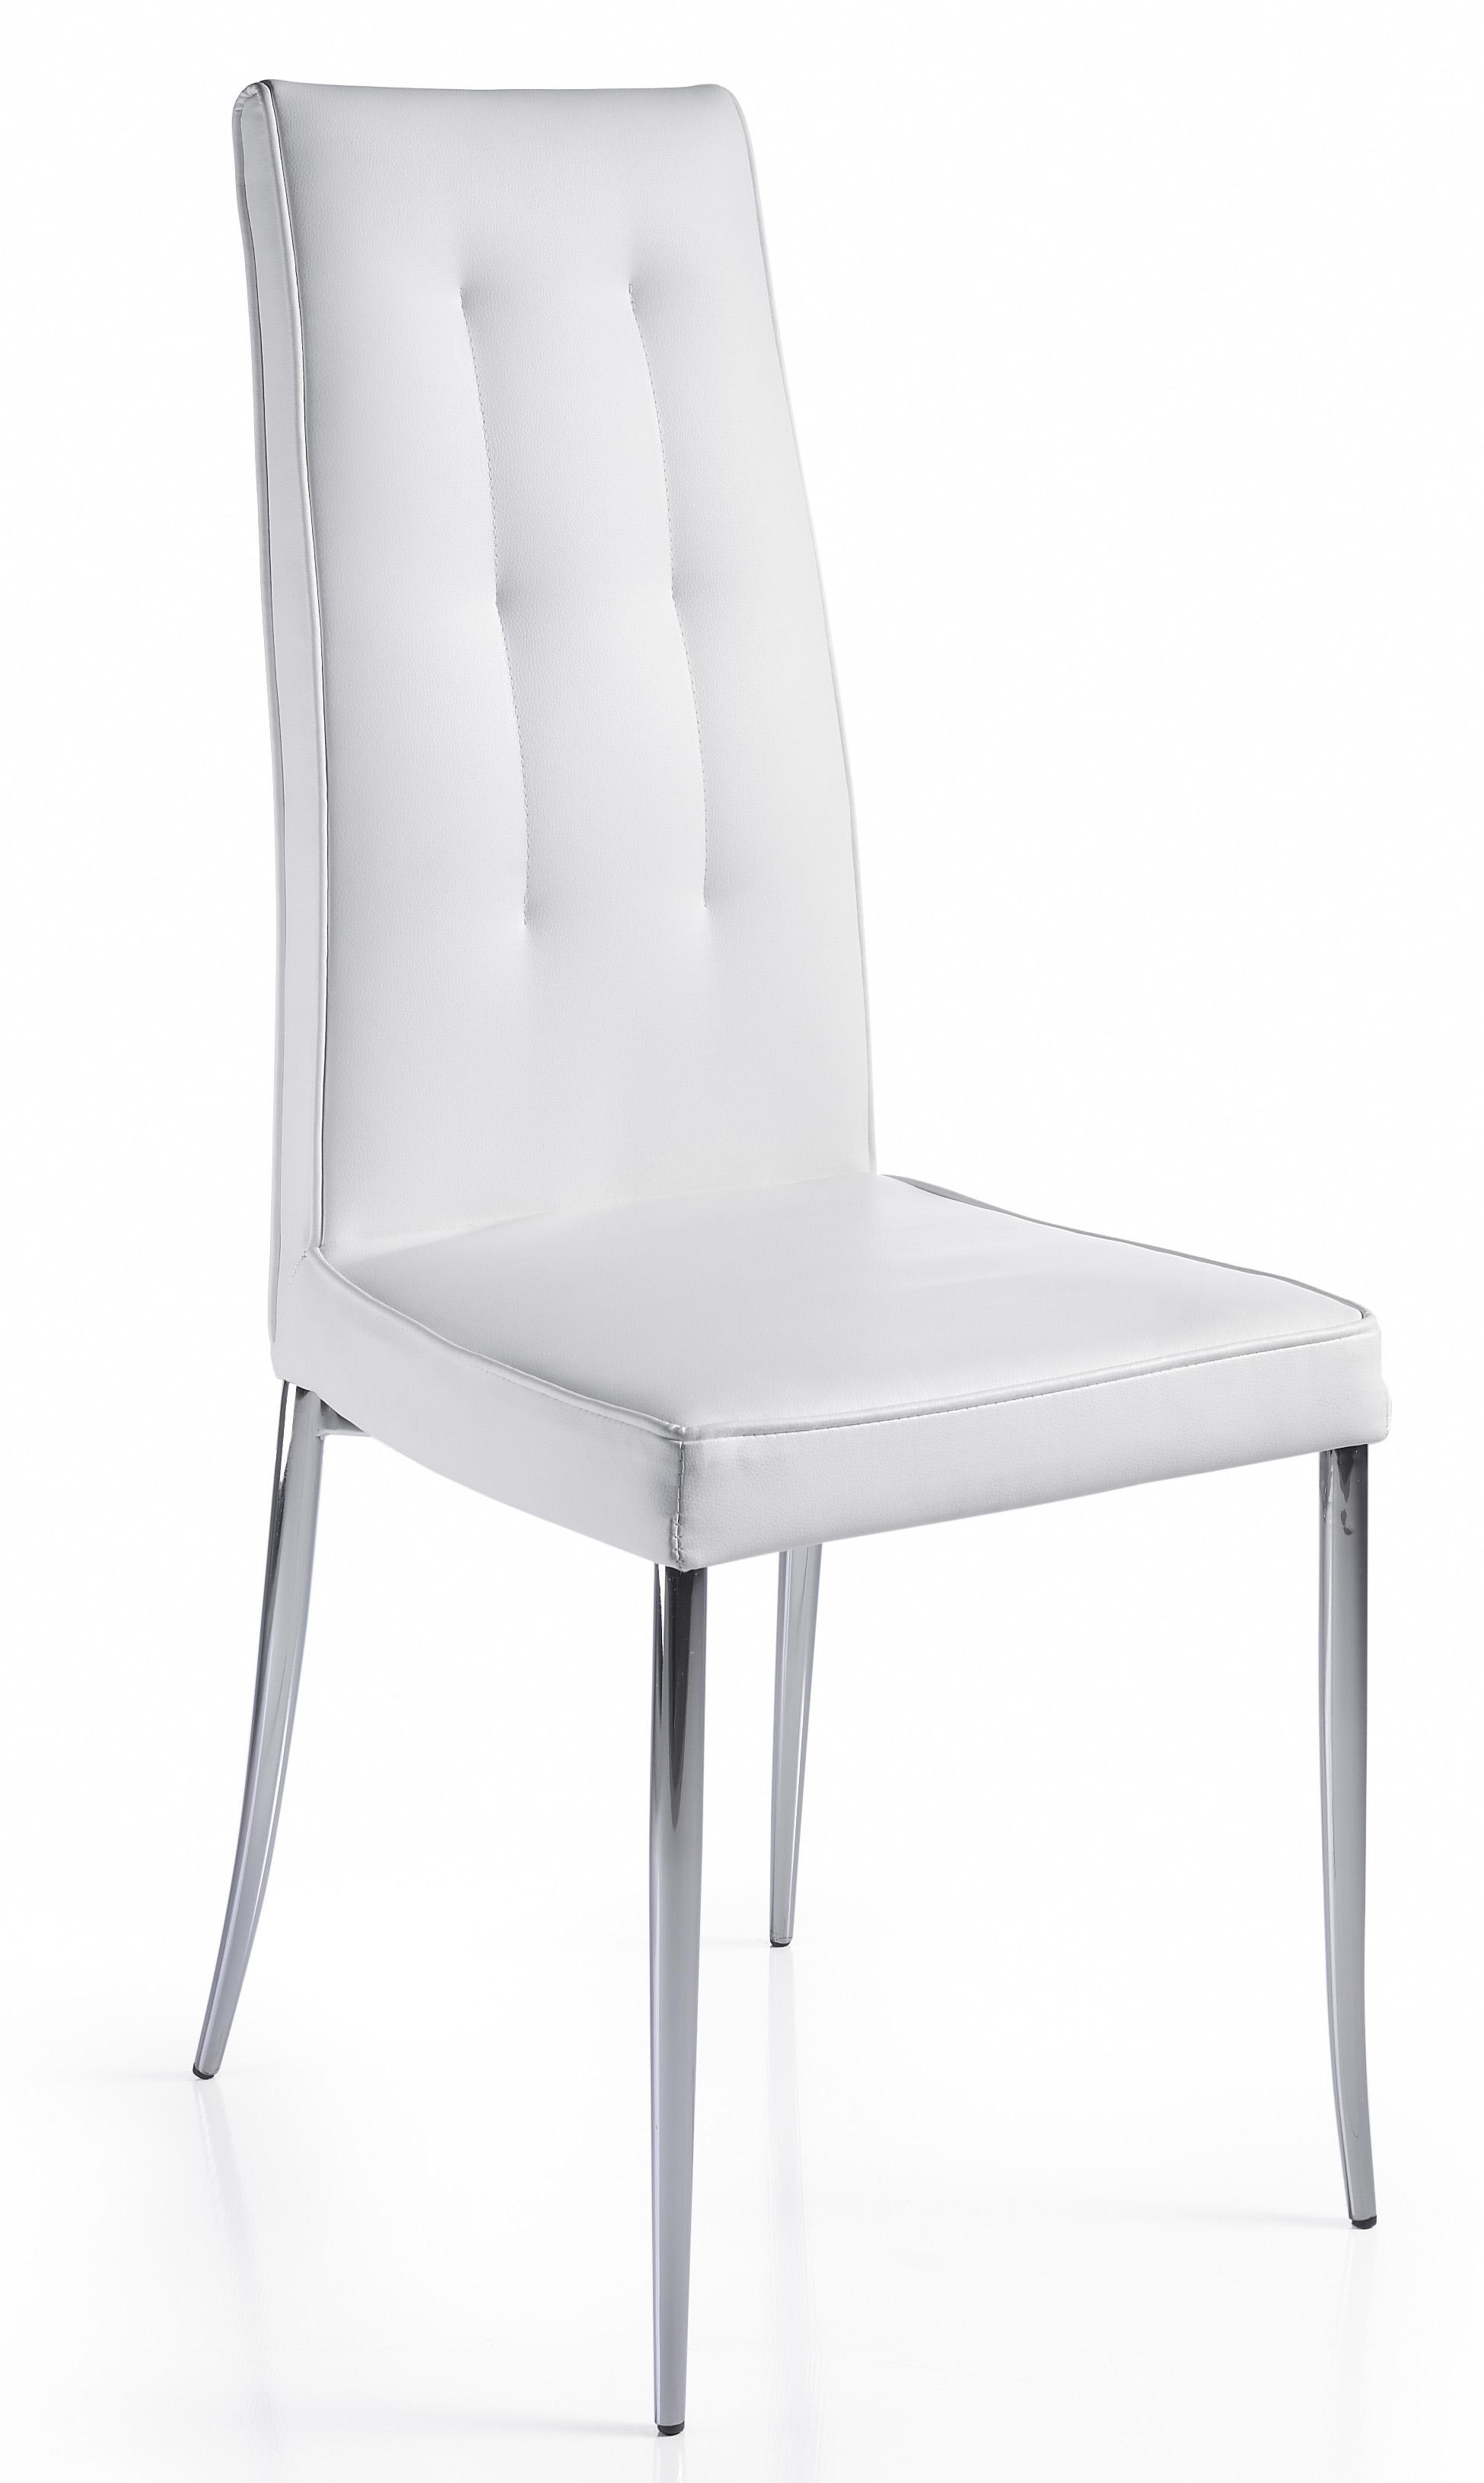 Chaise design blanche kapa lot de 2 for Chaise pvc blanche